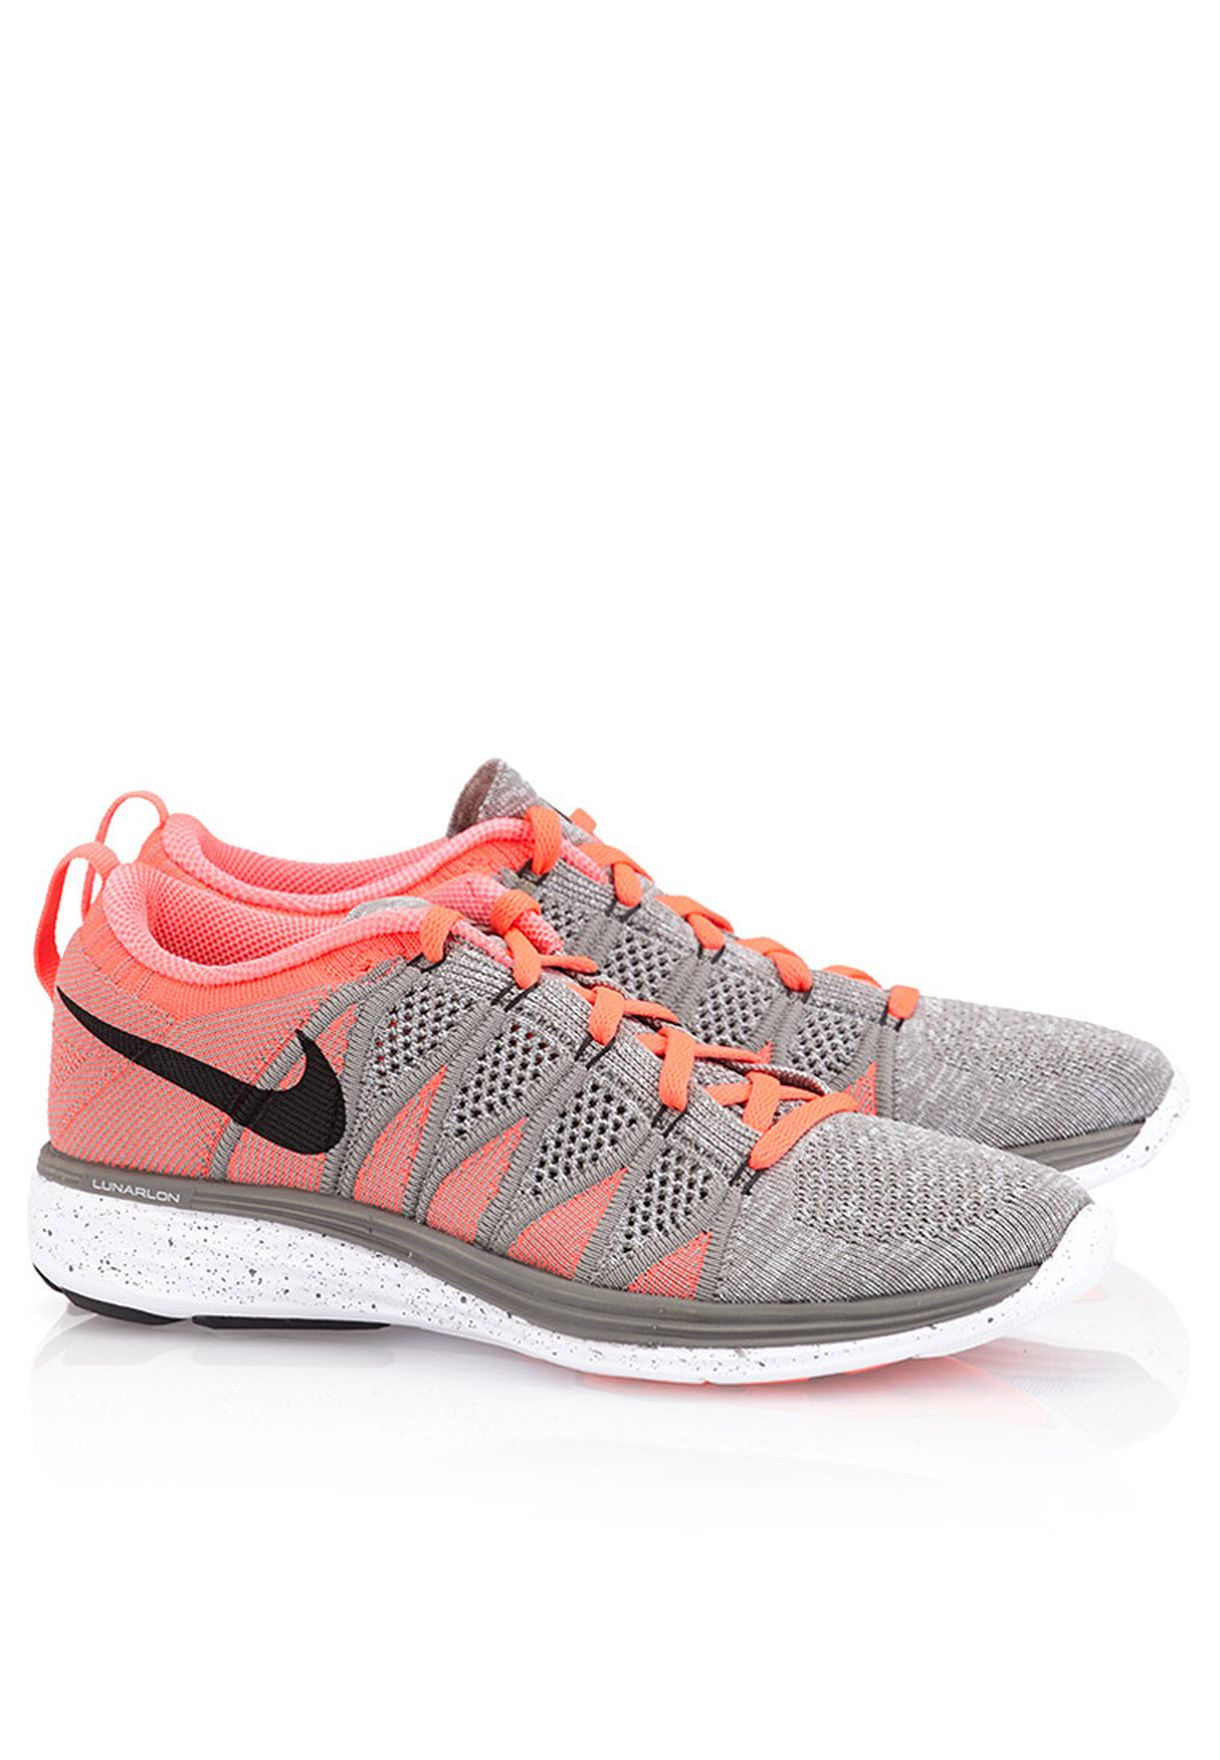 wholesale dealer 500f2 e00b9 Shop Nike grey Flynit Lunar 2 620658-006 for Women in Kuwait ...